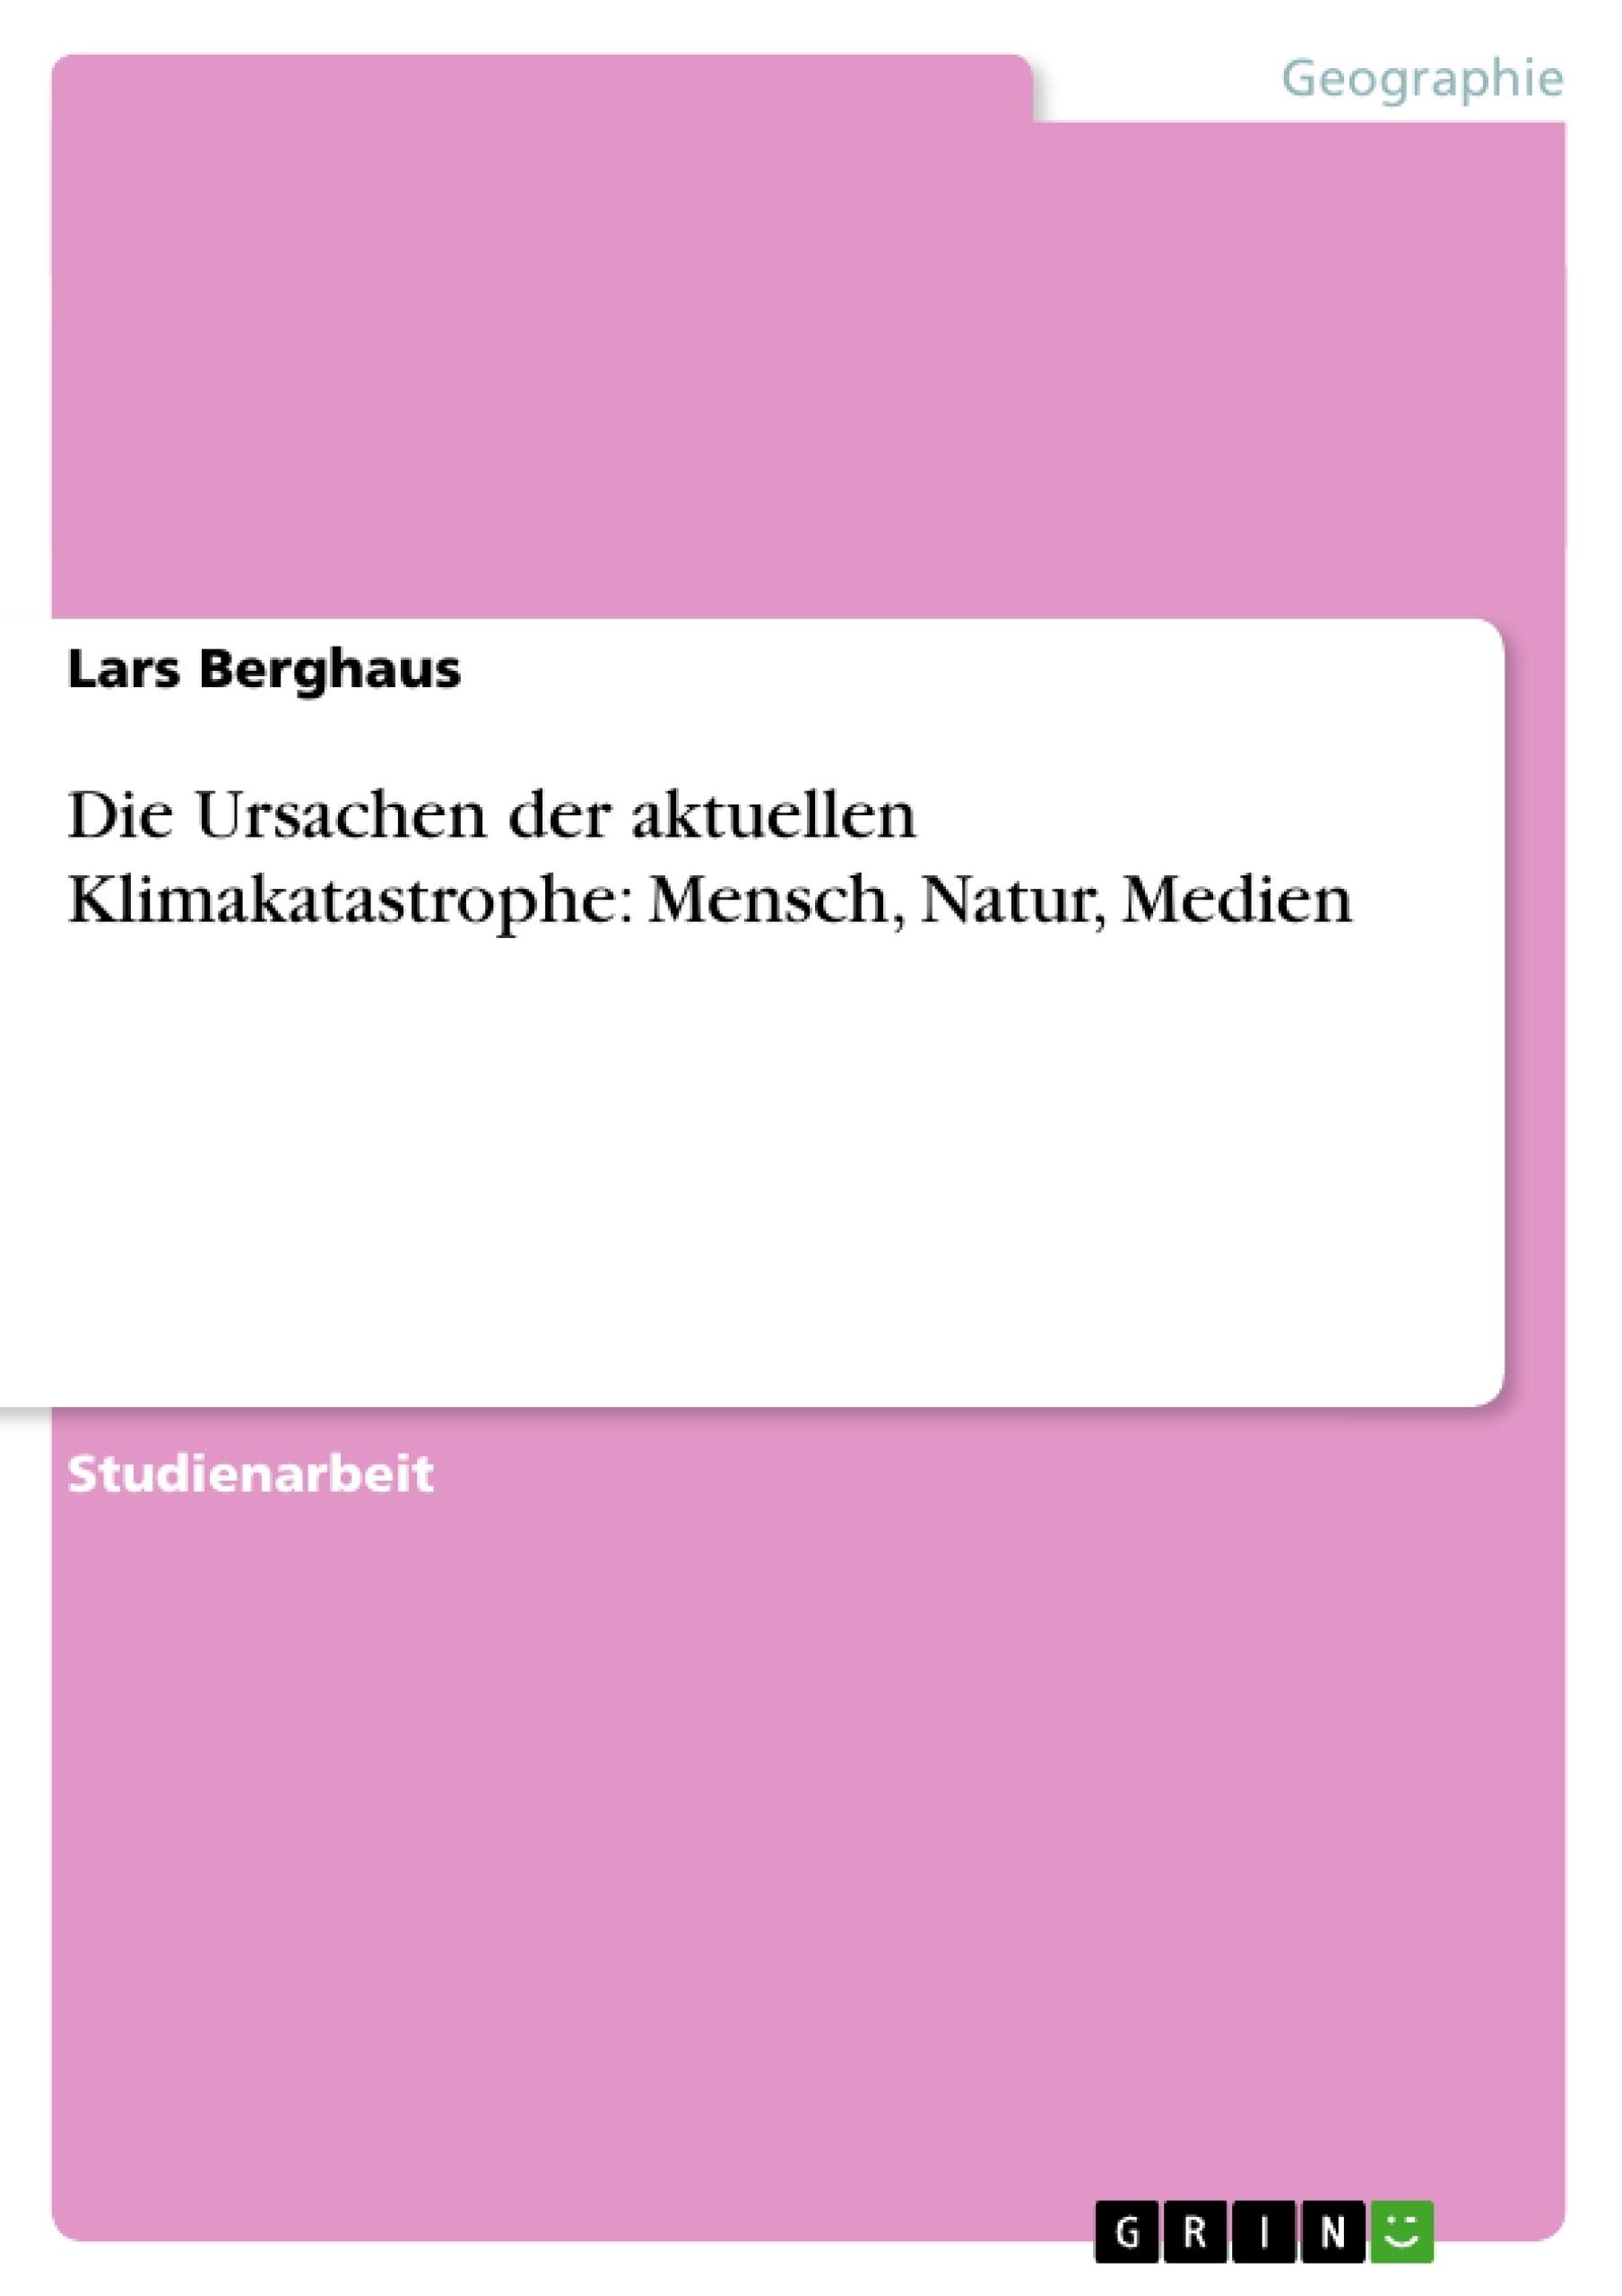 Titel: Die Ursachen der aktuellen Klimakatastrophe: Mensch, Natur, Medien